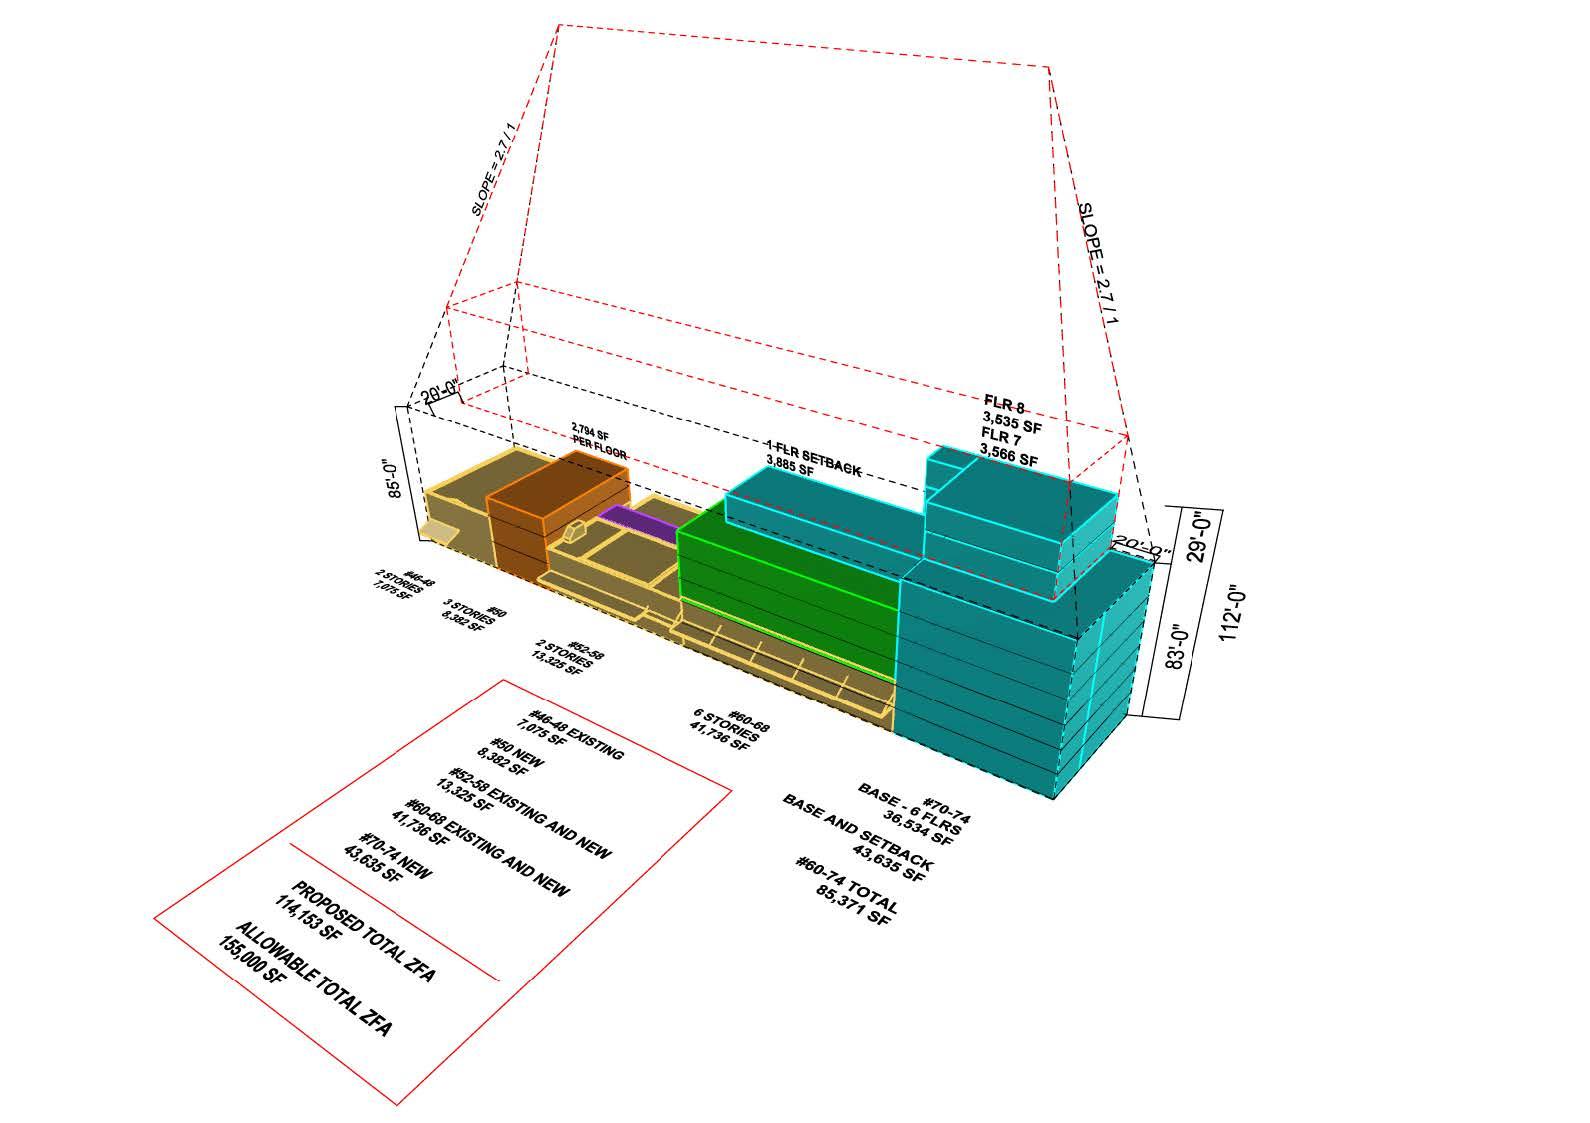 Massing diagram for 46-74 Gansevoort Street